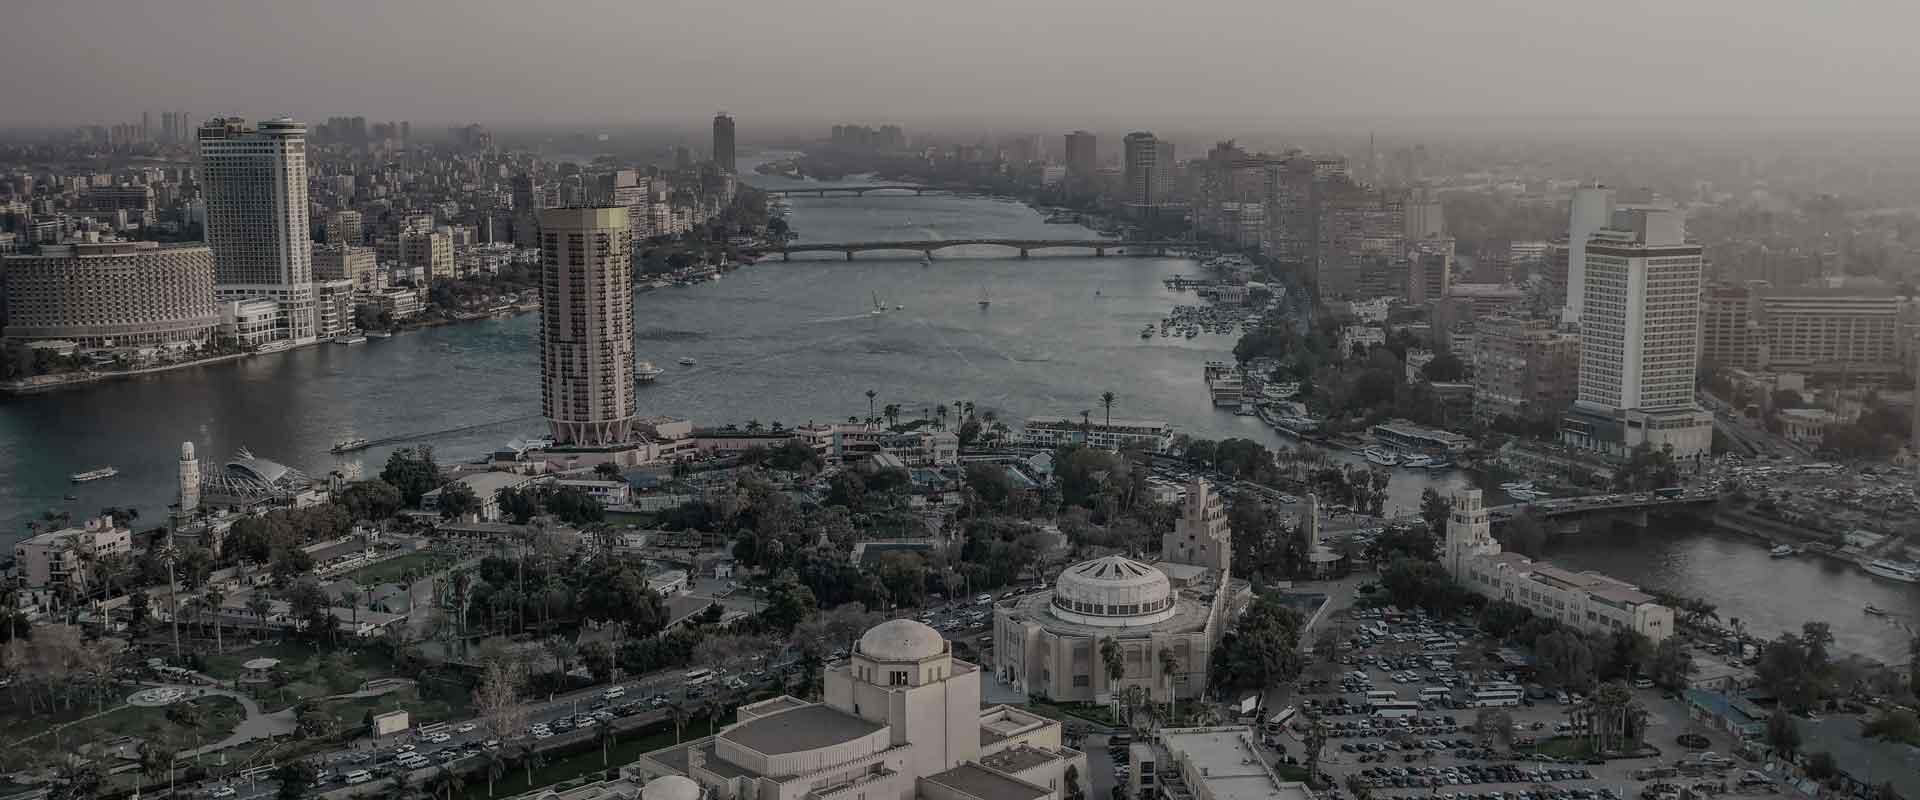 القاهرة تستضيف منتدى مسك للإعلام وسط مشاركات من 12 دولة